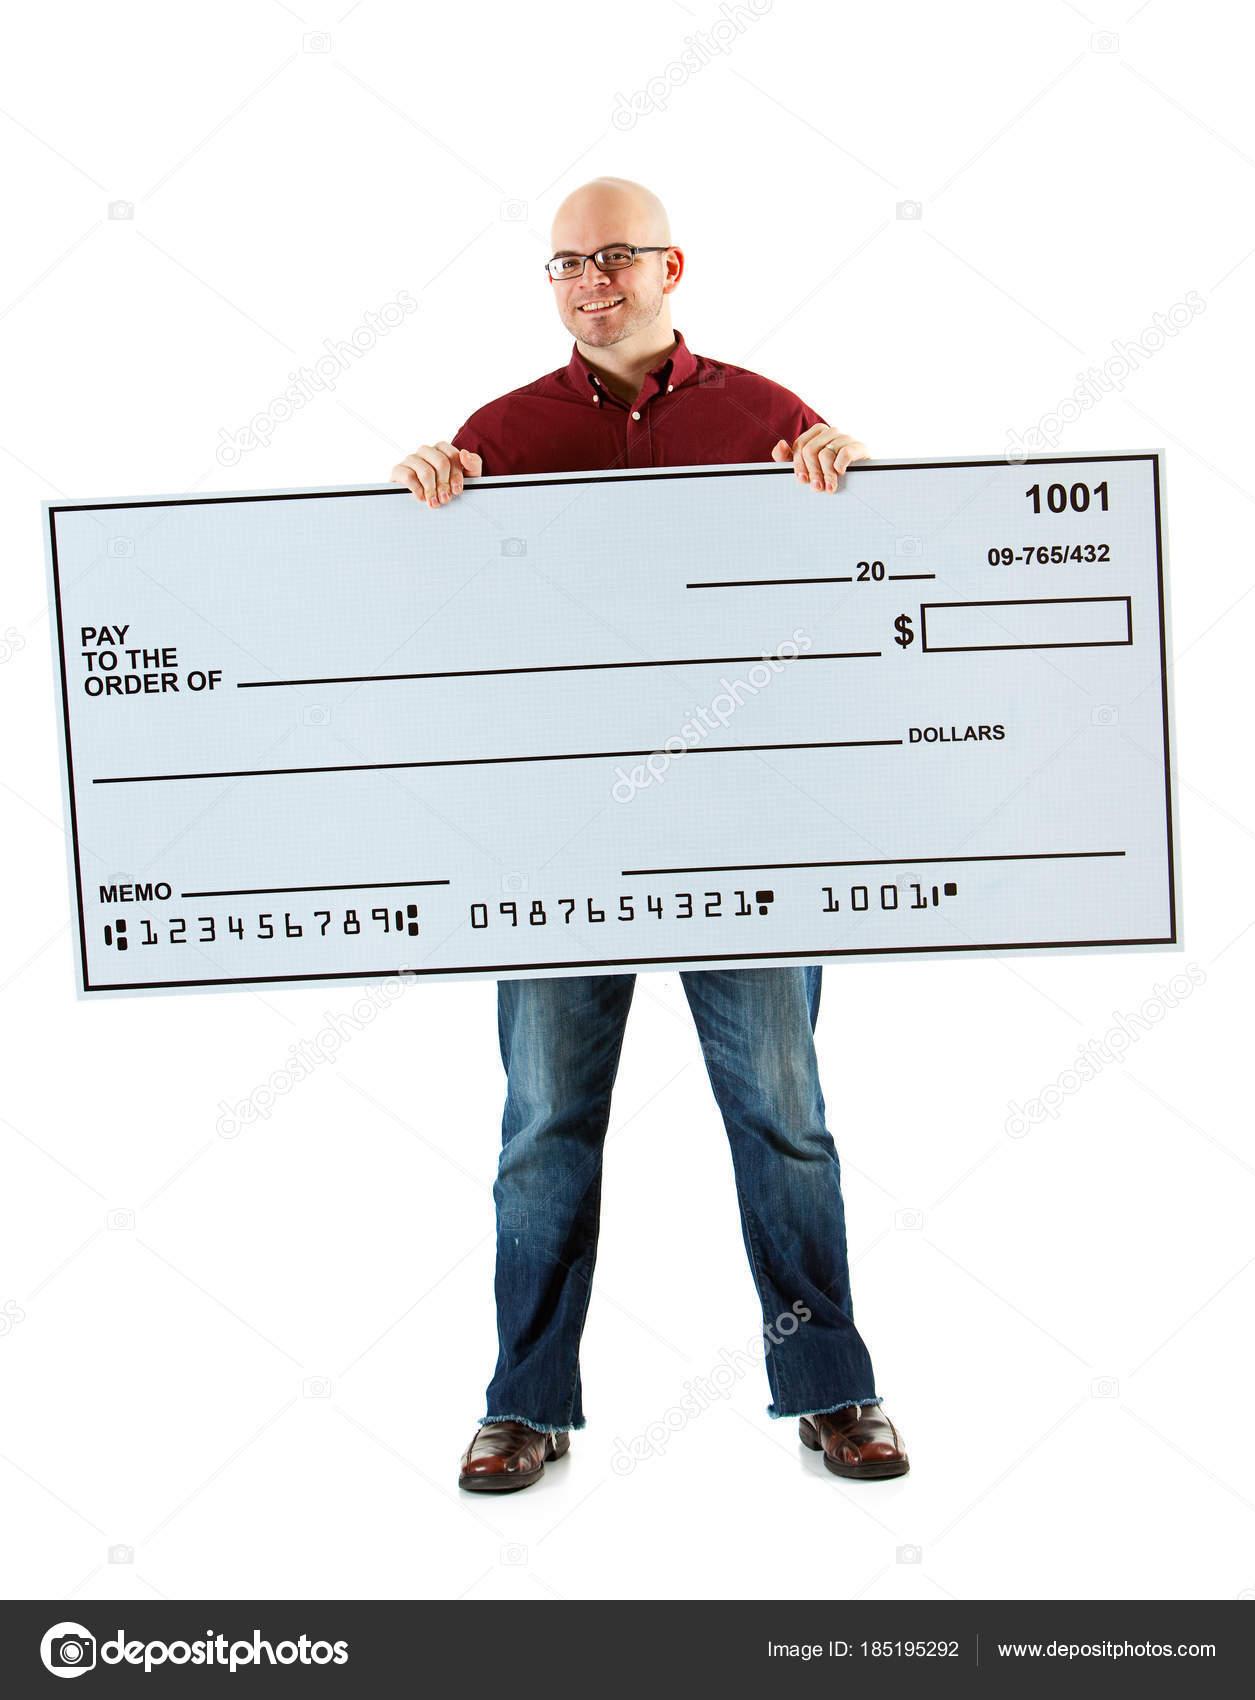 Check: Chico alegre cheque enorme — Foto de stock © sjlocke #185195292